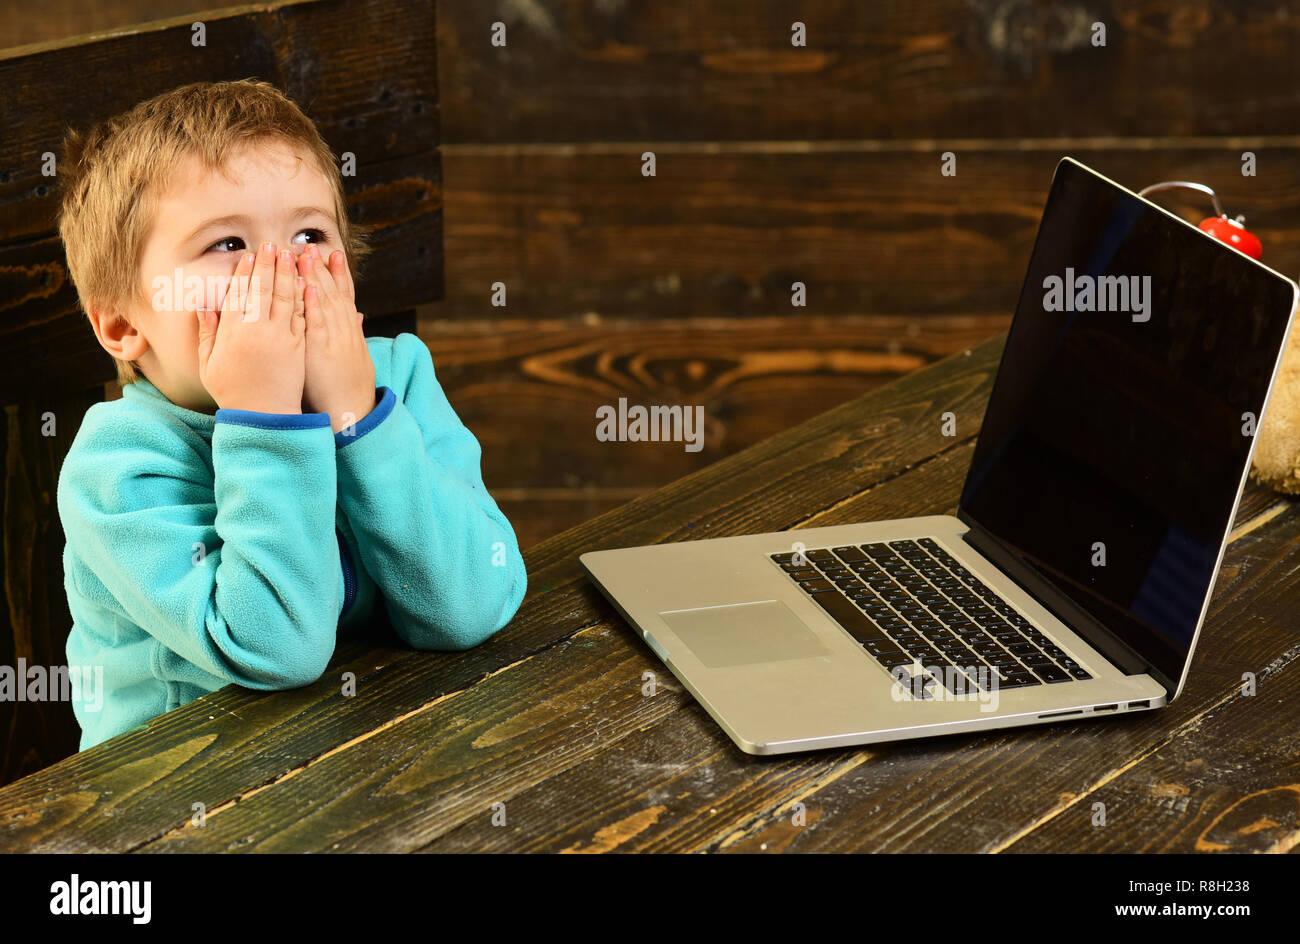 Educazione on line. Online istruzione nella scuola elementare. Little Boy utilizzare laptop in educazione on line. Corsi di formazione online per il bambino. Accelerare in futuro Immagini Stock